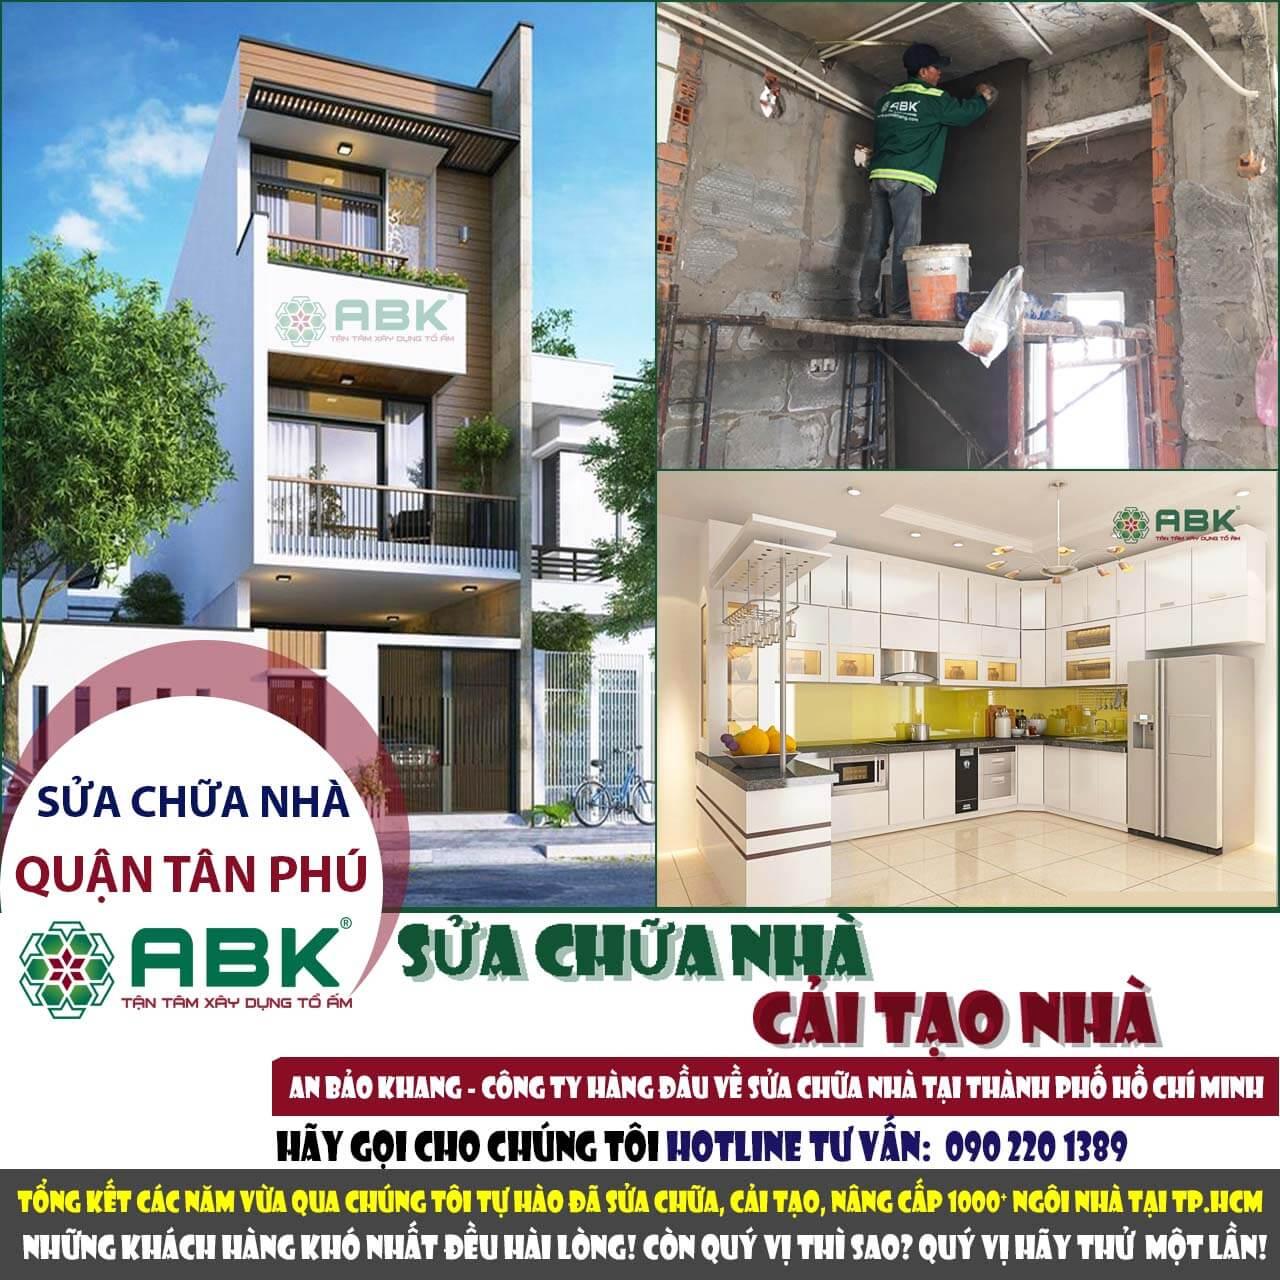 Công ty sửa chữa cải tạo nhà quận Tân Phú